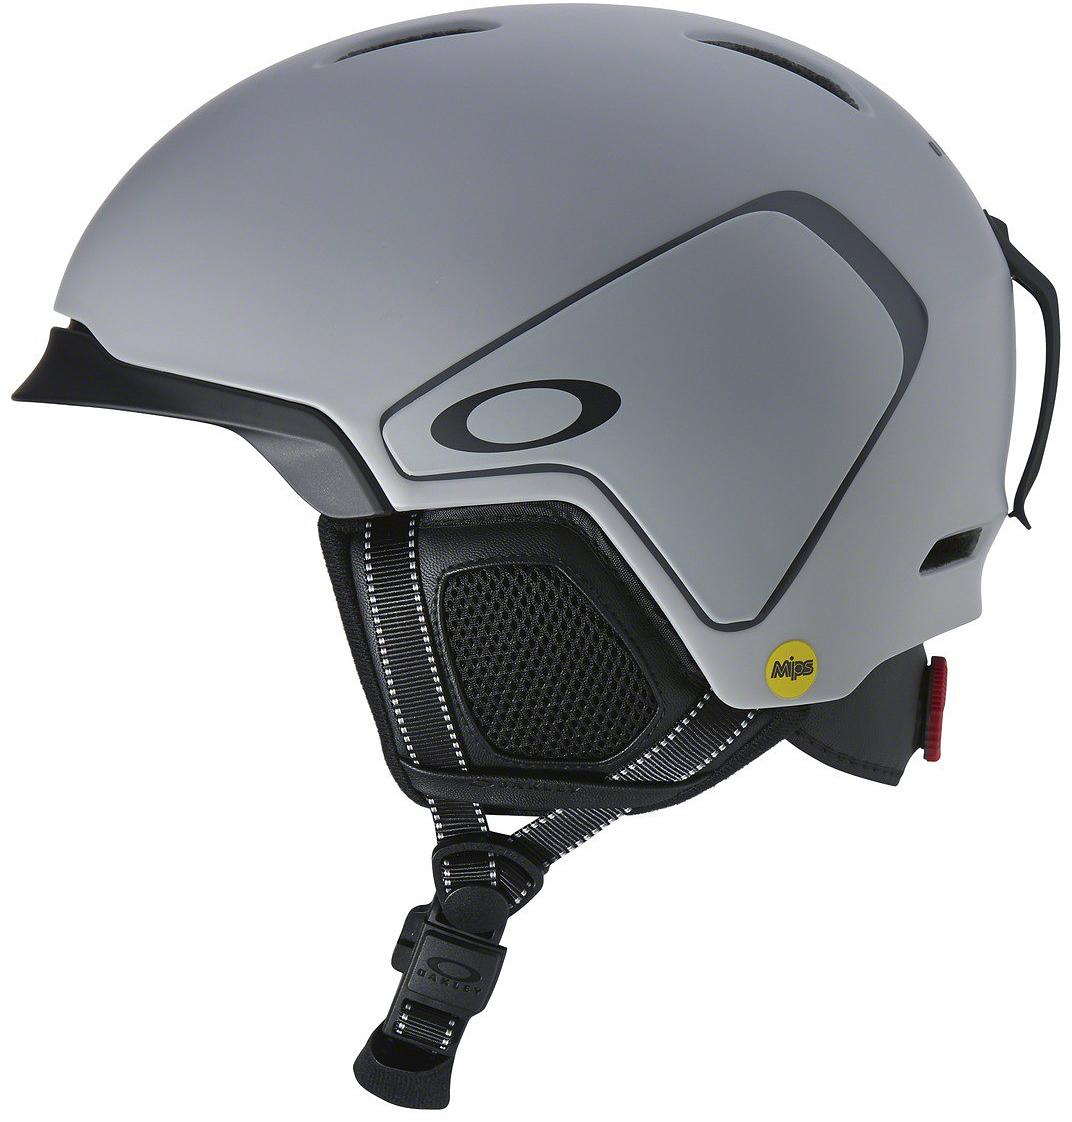 Шлем зимний Oakley MOD3 MIPS Matte Grey, цвет: серый. Размер M99432MP-25D25DЛегкий шлем Oakley Mod3 - это проверенная временем, эффективная конструкция из жесткой внешней оболочки и мягкой внутренней части, которая гасит силу удара и распределяет её по большой площади, постоянная эффективная вентиляция и регулировка размера с помощью BOA. Кстати говоря, застегивается он магнитной застежкой Fidlock. Компания Oakley не так давно выпускает шлемы под собственным брэндом, но они подошли к вопросу со свойственной им основательностью - небольшая коллекция шлемов отличается высочайшим качеством и продуманным дизайном. Учтены все мелочи, начиная от технологии MBS со сменными козырьками, позволяющими обеспечить более плотное прилегание маски без зазоров и заканчивая всеми необходимыми опциями: съемной подкладкой и наушниками, клипсой для крепления ремня маски и чехлом для шлема в комплекте. Ну и конечно же идеальная совместимость со своей оптикой - было бы странно, если бы было не так.Параметры:- Облегченная конструкция In-mold, где к внешней прочной оболочке припаивается вспененный демпфирующий материал EPS- Бакля на магнитной застежке Fidlock®- Технология MBS (Modular Brim System): 2 сменных козырька в комплекте, призванные обеспечить плотное прилегание маски- Фиксированная вентиляционная система- Съемная подкладка Comfort Liner- Съемные амбушюры- Съемное крепление ремешка маски- Чехол для шлема в комплекте- Сертификаты: ASTM F2040, CE EN1077.Модель MIPS MOD3 отличается от базовой наличием многонаправленной системы защиты от ударов - она применяется в самых современных моделях и состоит из трех основных компонентов: внутренняя подкладка из вспененного материала, вкладыш с низким коэффициентом трения и эластомерная система крепления между ними; при угловом ударе эластомерная система растягивается для того, чтобы вкладыши из вспененного материала вращались независимо друг от друга вокруг головы для снижения вращательной силы удара. Максимальная защита.